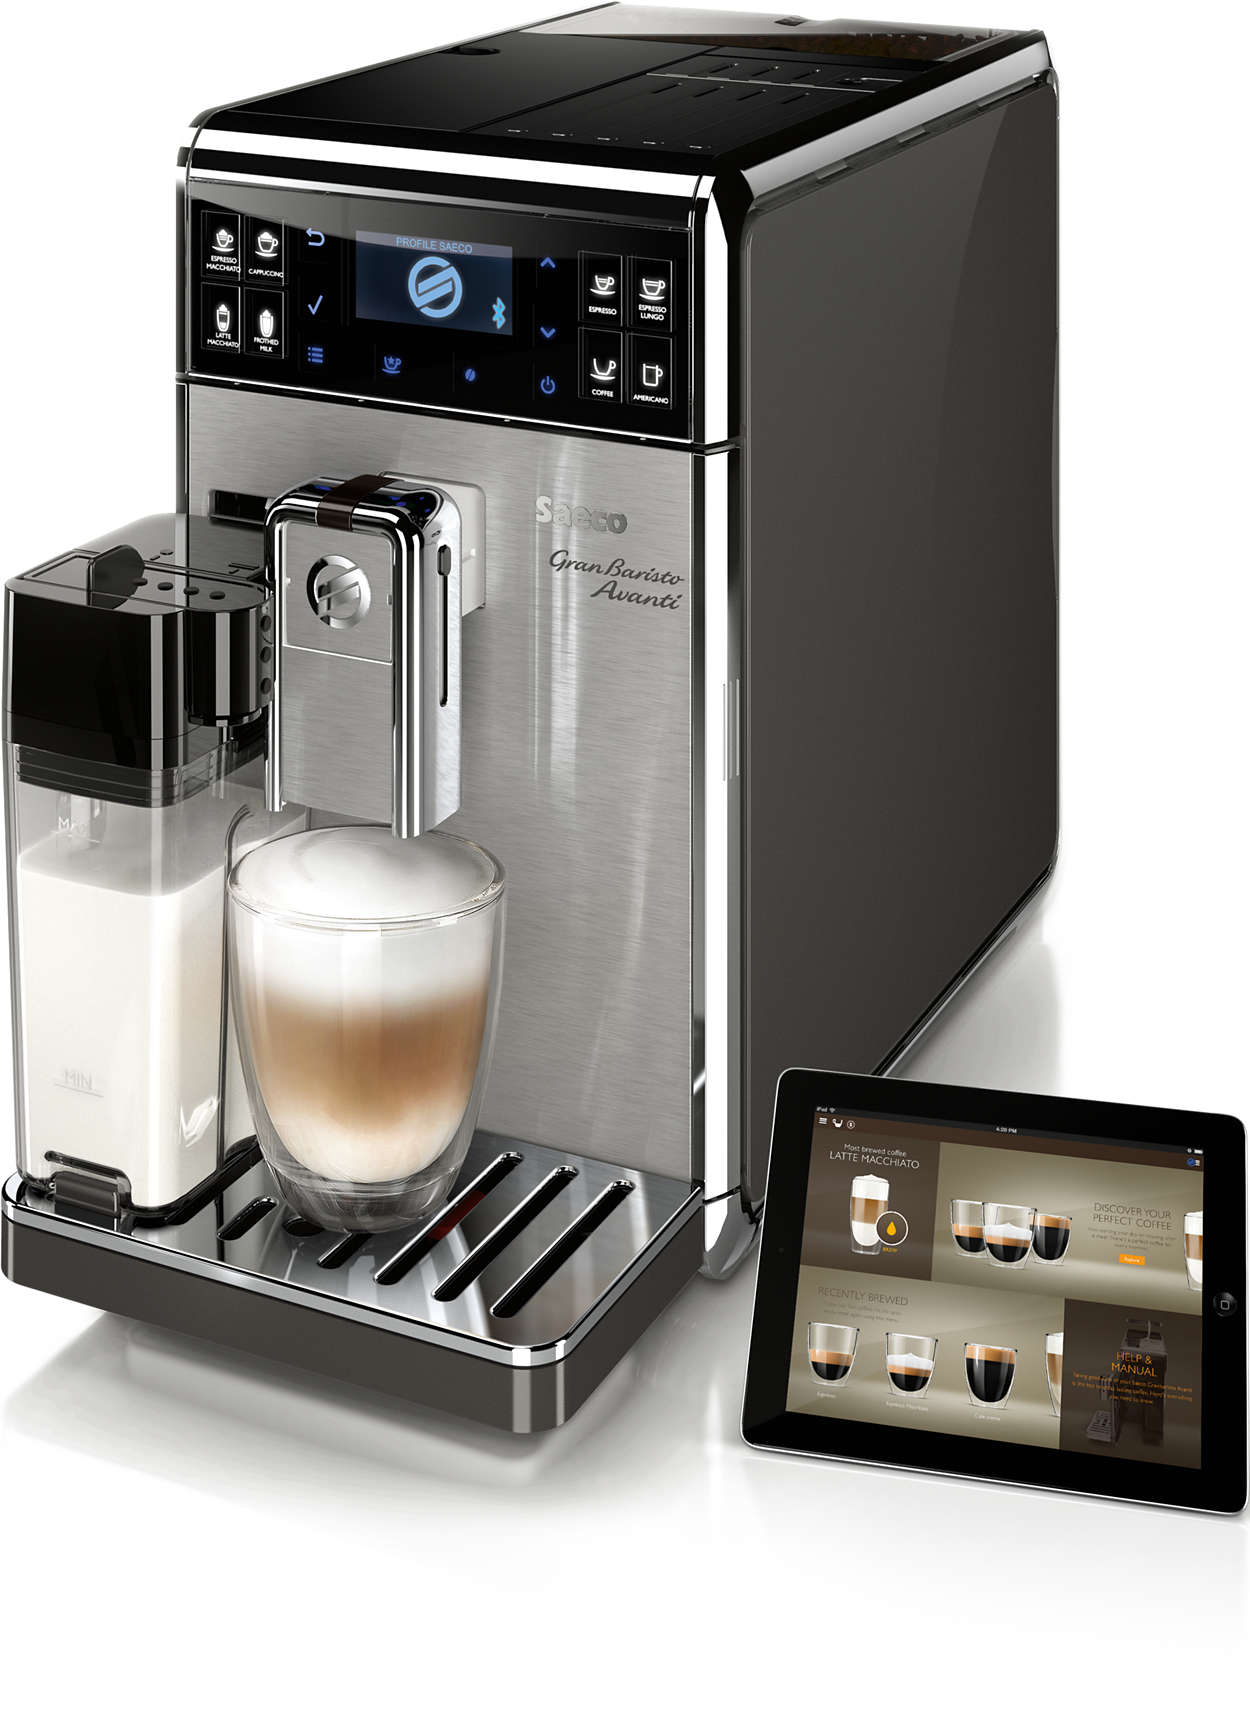 La experiencia más avanzada de café en casa